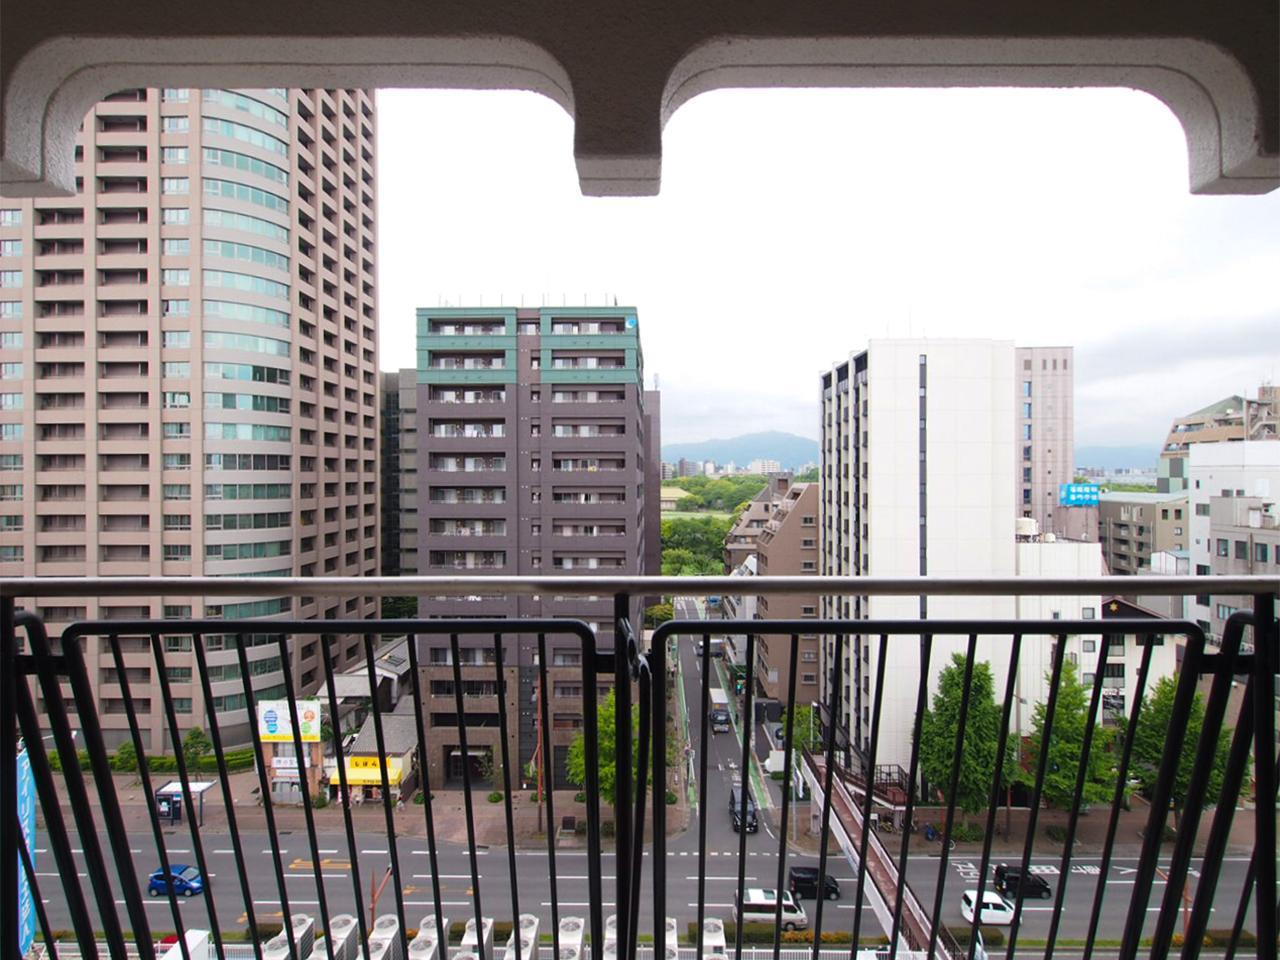 このちらりと見える舞鶴グリーンに癒されます。レトロな柵とアールを描く開口部もかわいかったり。